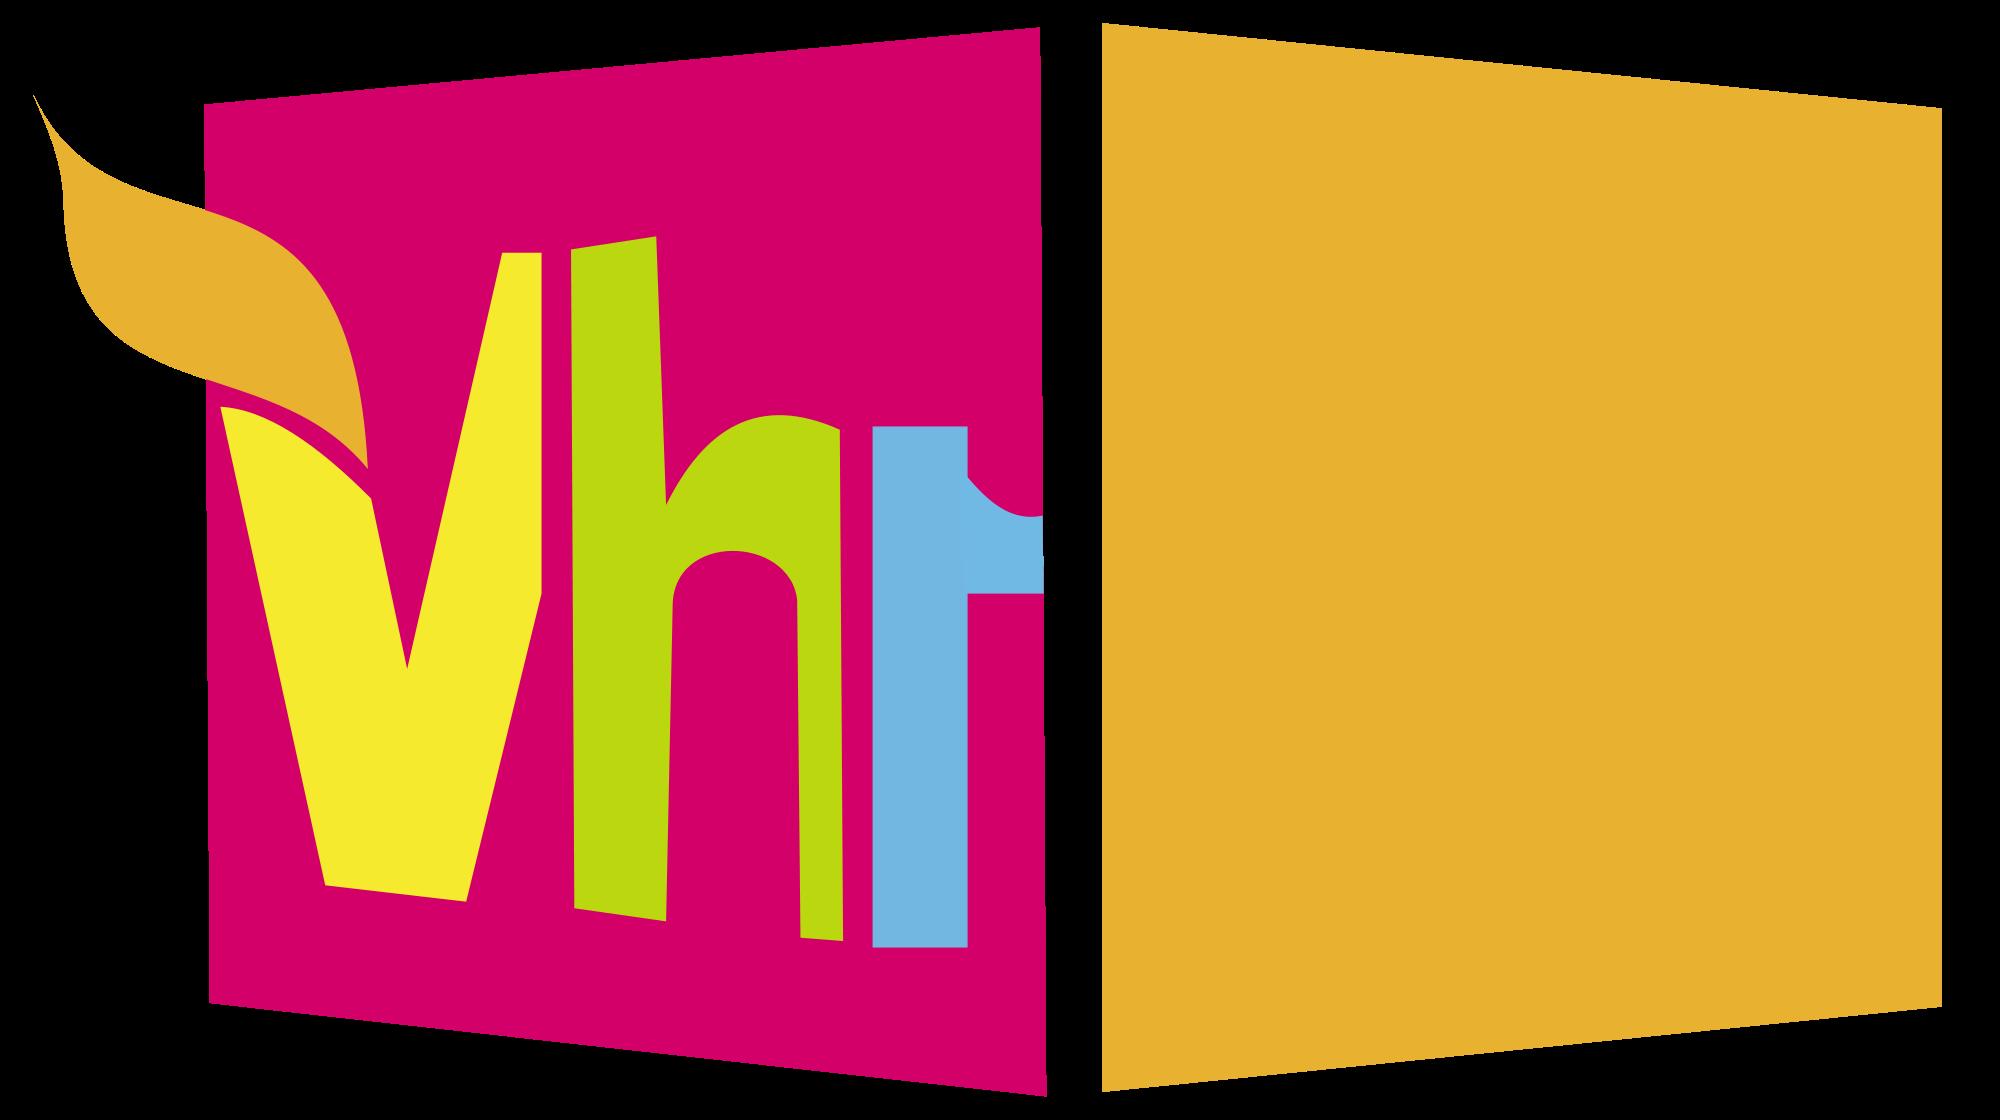 VH1 Australia (revived) - Dream Logos Wiki